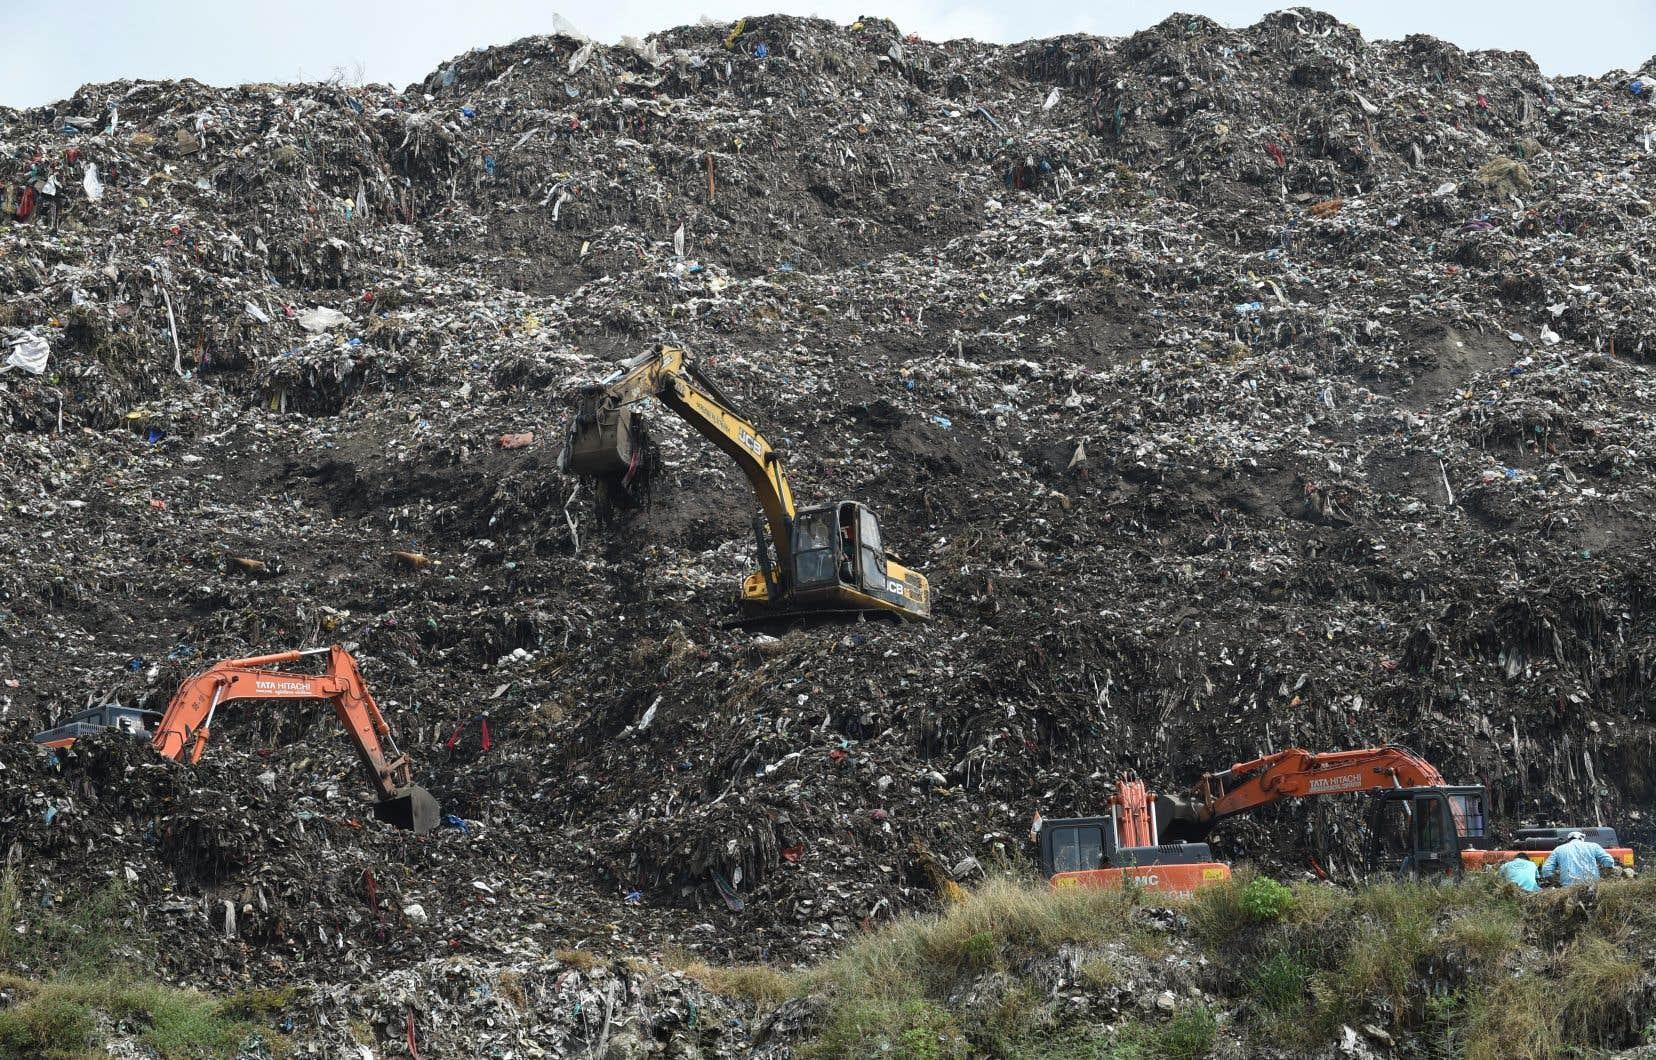 <p>Les secouristes poursuiventleurs recherches parmi des tonnes d'ordures et les chiens errants, sur cette décharge d'environ 32 hectares.</p>